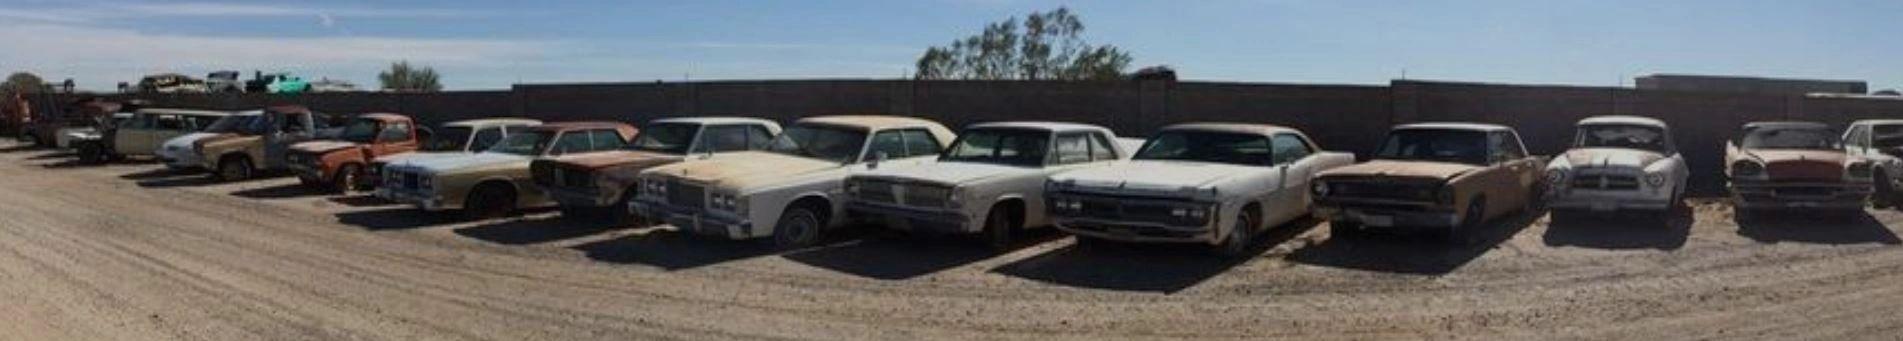 Hidden Valley Auto Parts